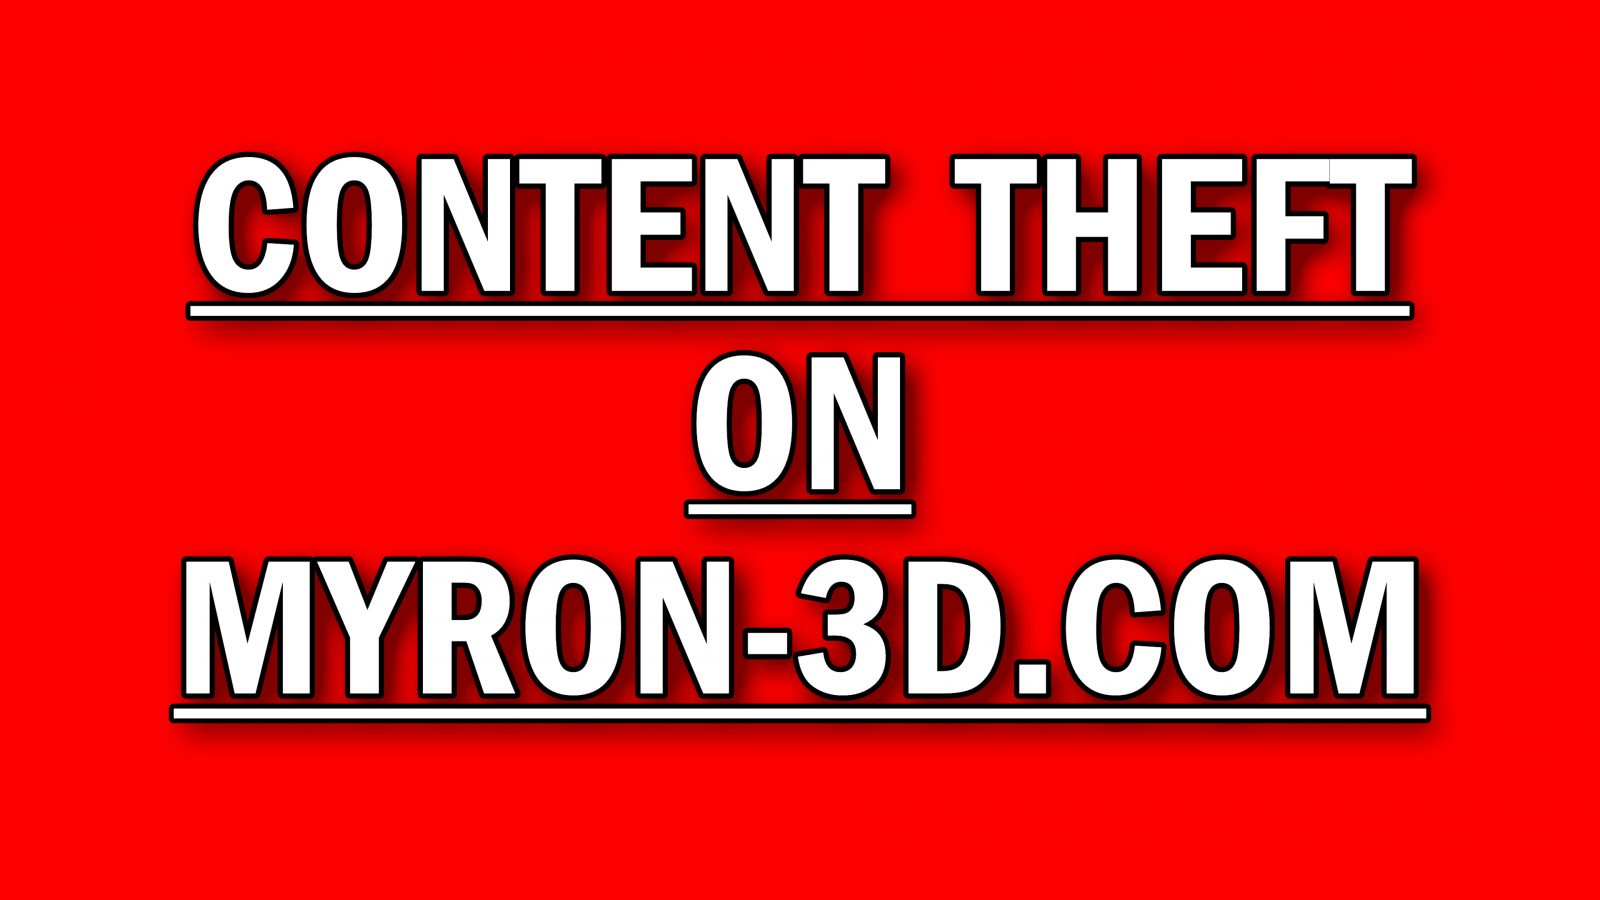 Vol du contenu de mon site web